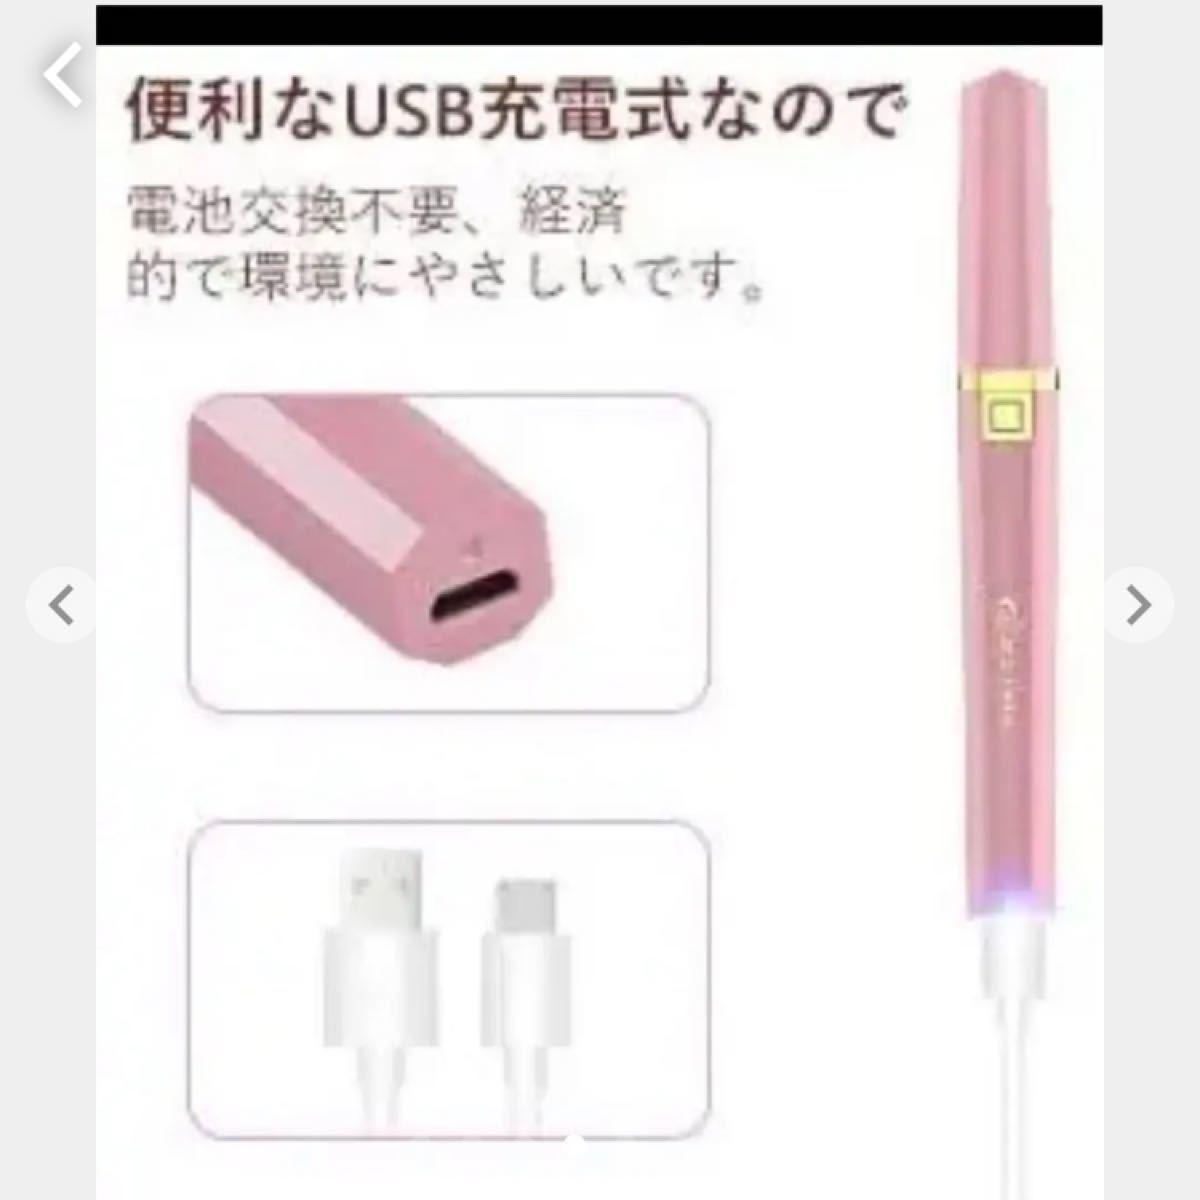 眉毛シェーバー USB充電式 眉毛カッター 眉毛剃り 女性 男性